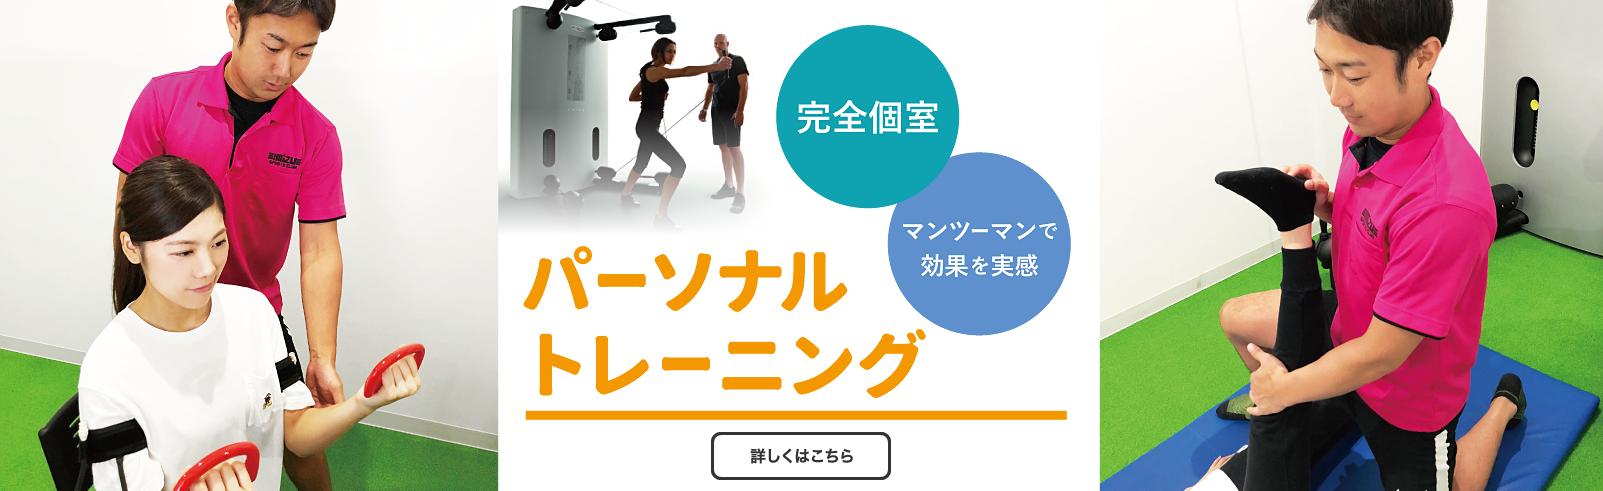 身体改善マシン「鍛錬」で腰痛緩和、姿勢改善、肩こり緩和、歩行改善